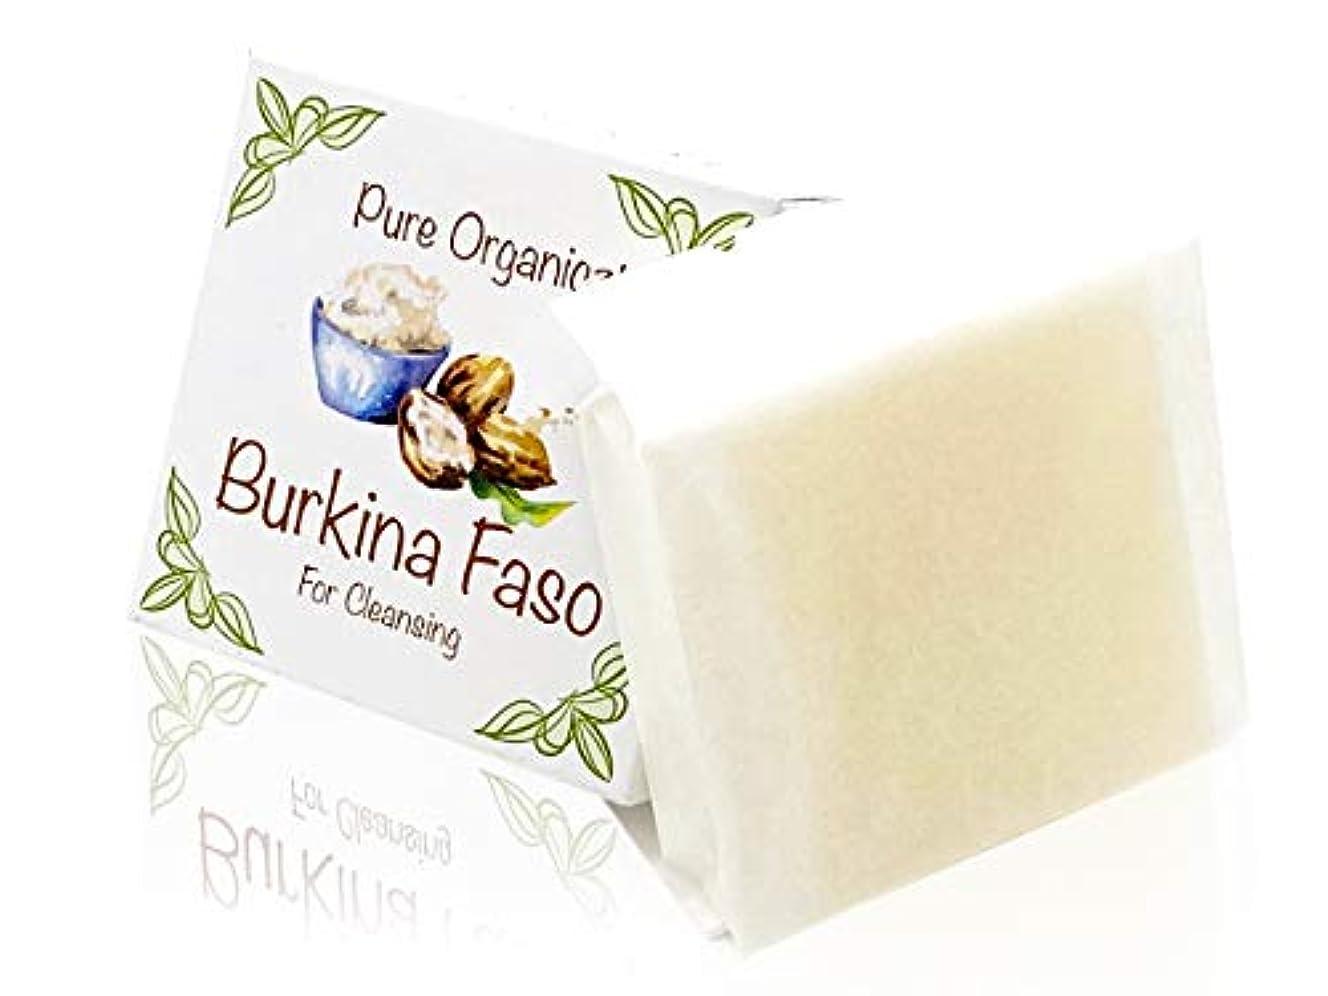 ヒョウチケットうまシアバター 洗顔用石鹸 Burkina Faso Pure Organiczt 『無添加?毛穴?美白?保湿』